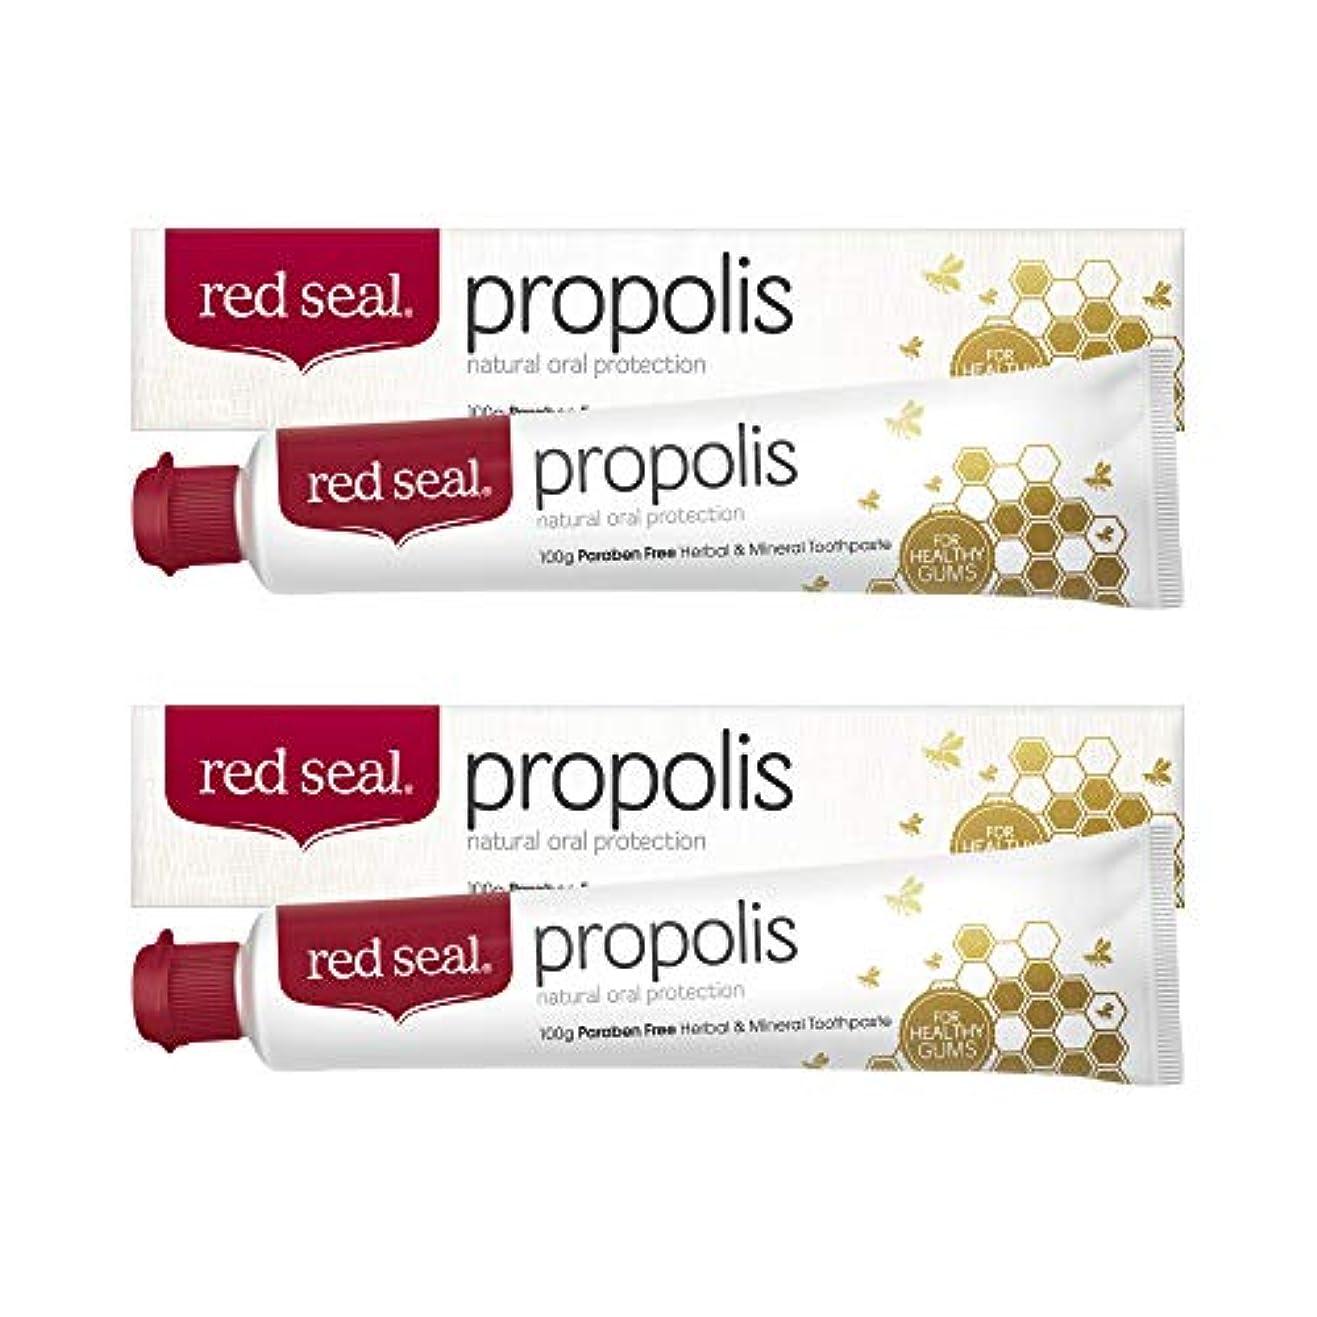 レッドシール 歯磨き粉 プロポリス 100g × 2本セット [ red seal/propolis ]